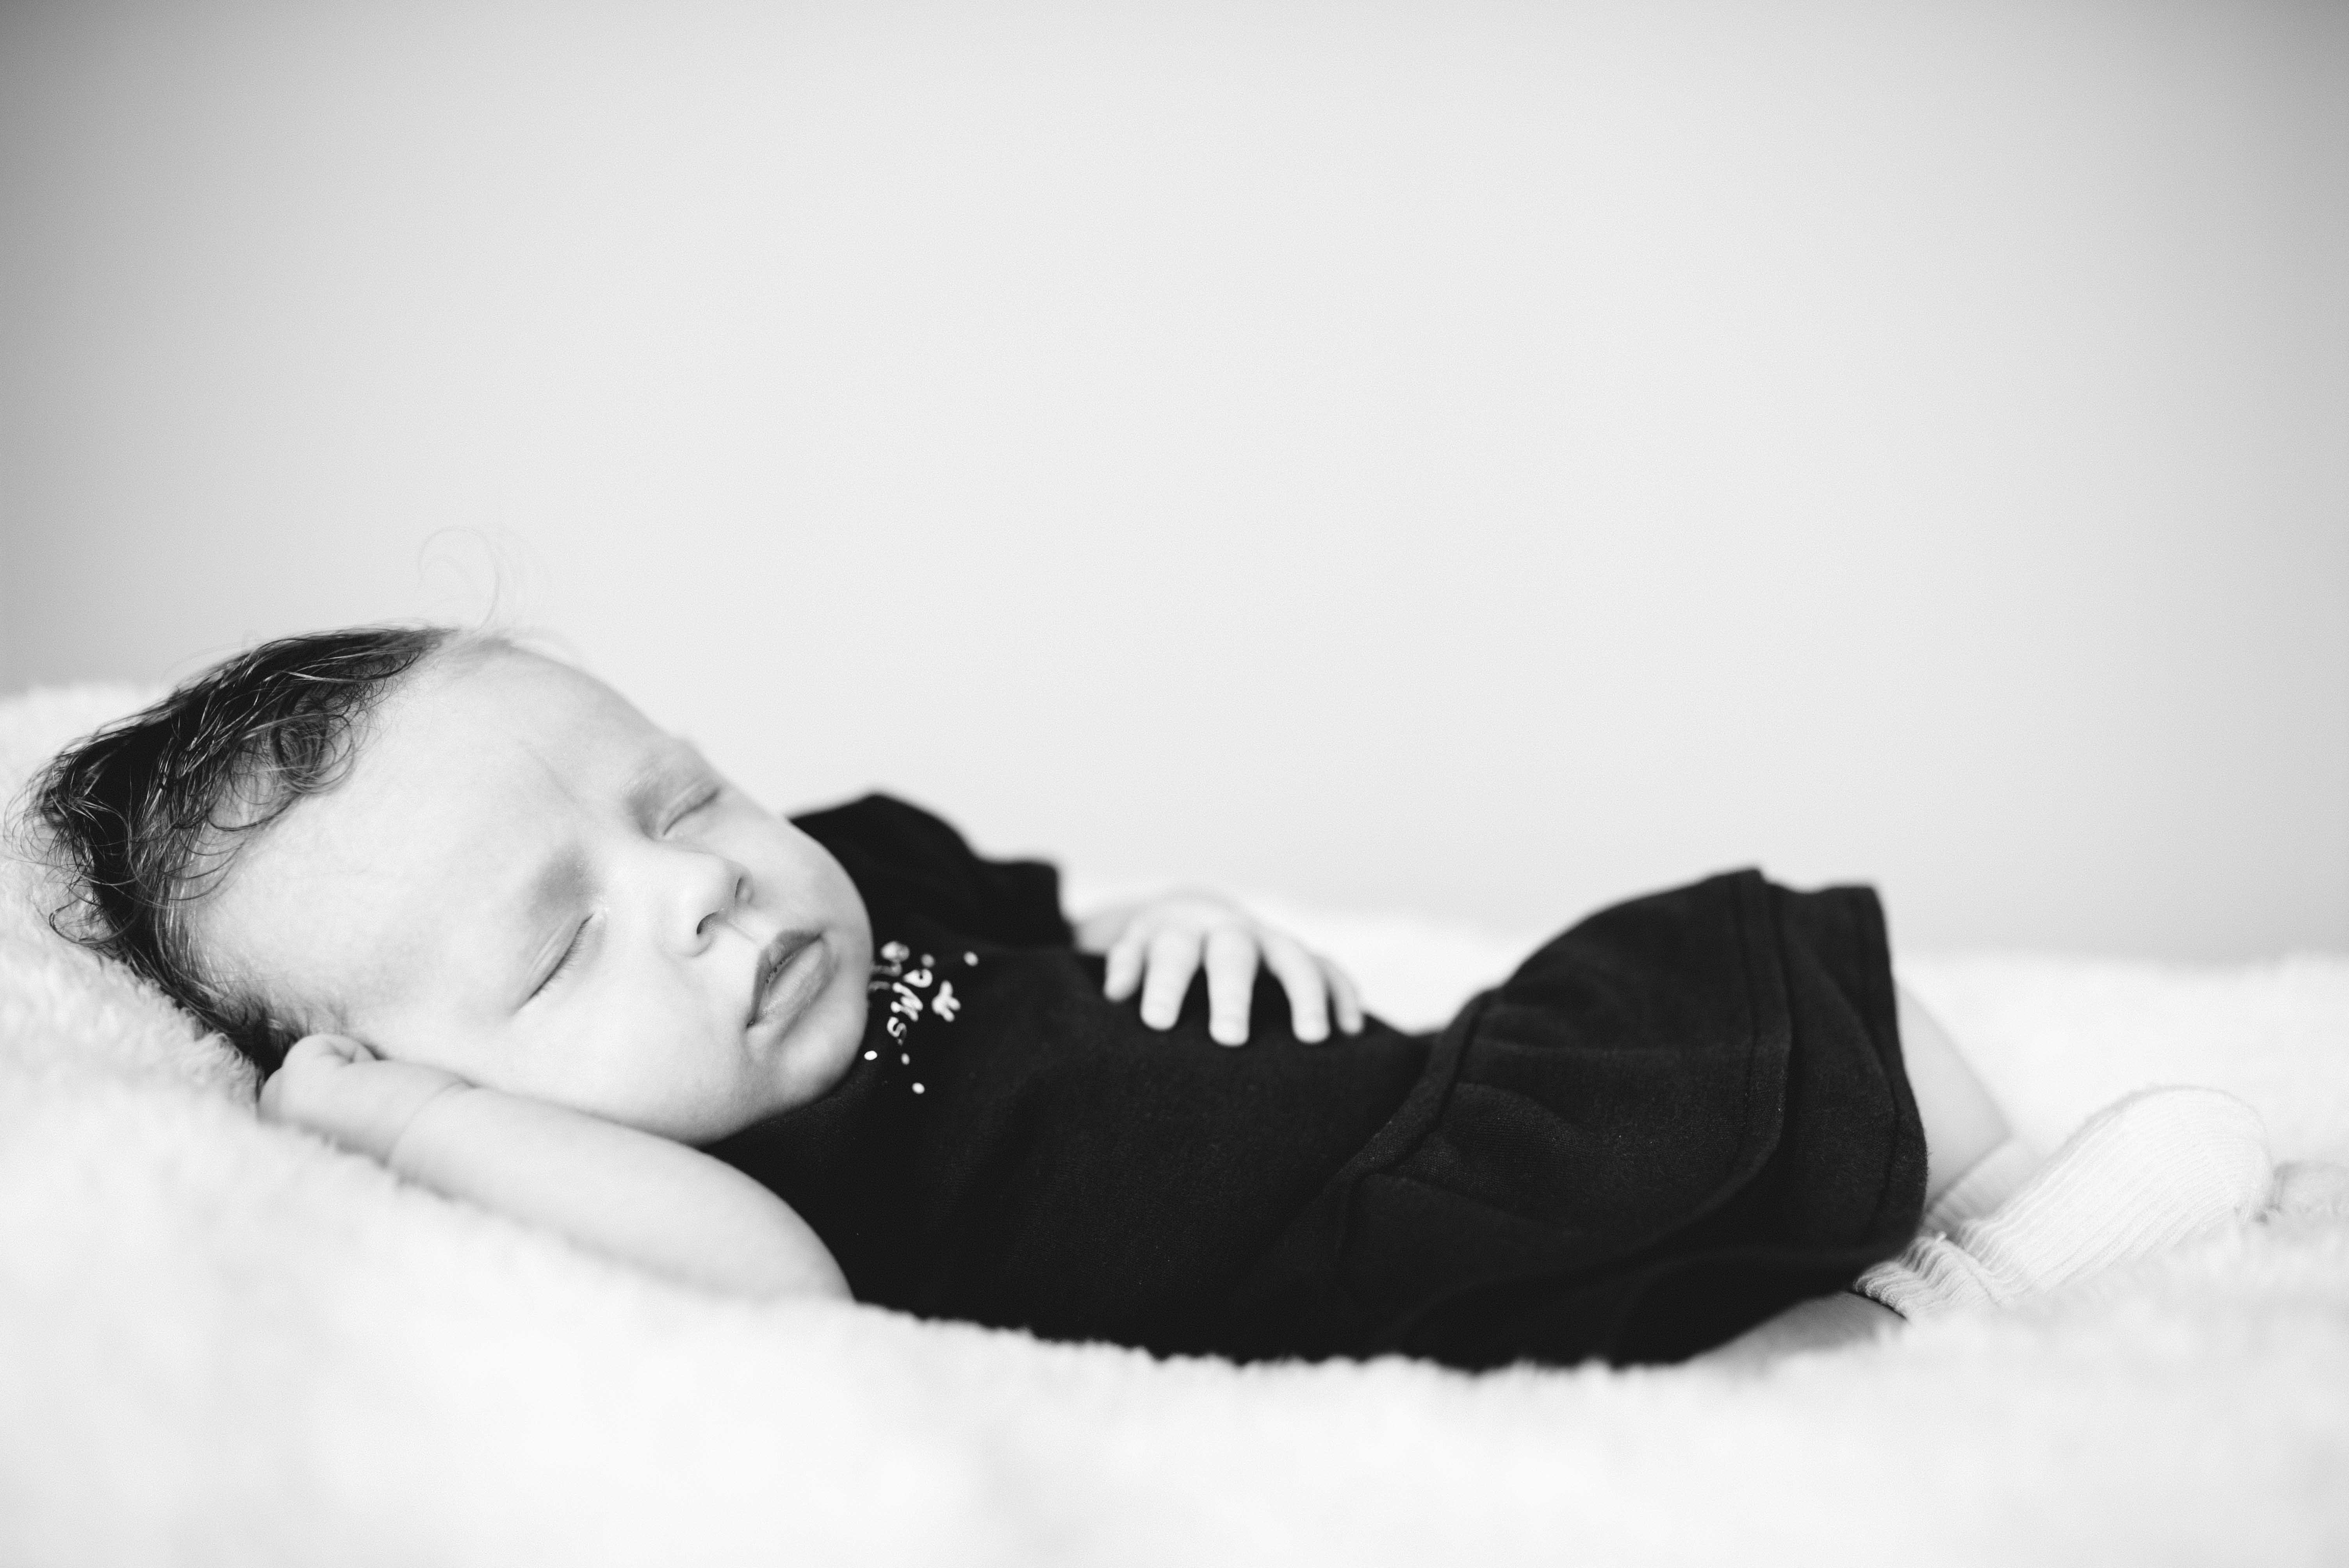 Lieve baby Lieke door Laurie Karine de fotograaf uit Oud-Beijerland (1 van 3)